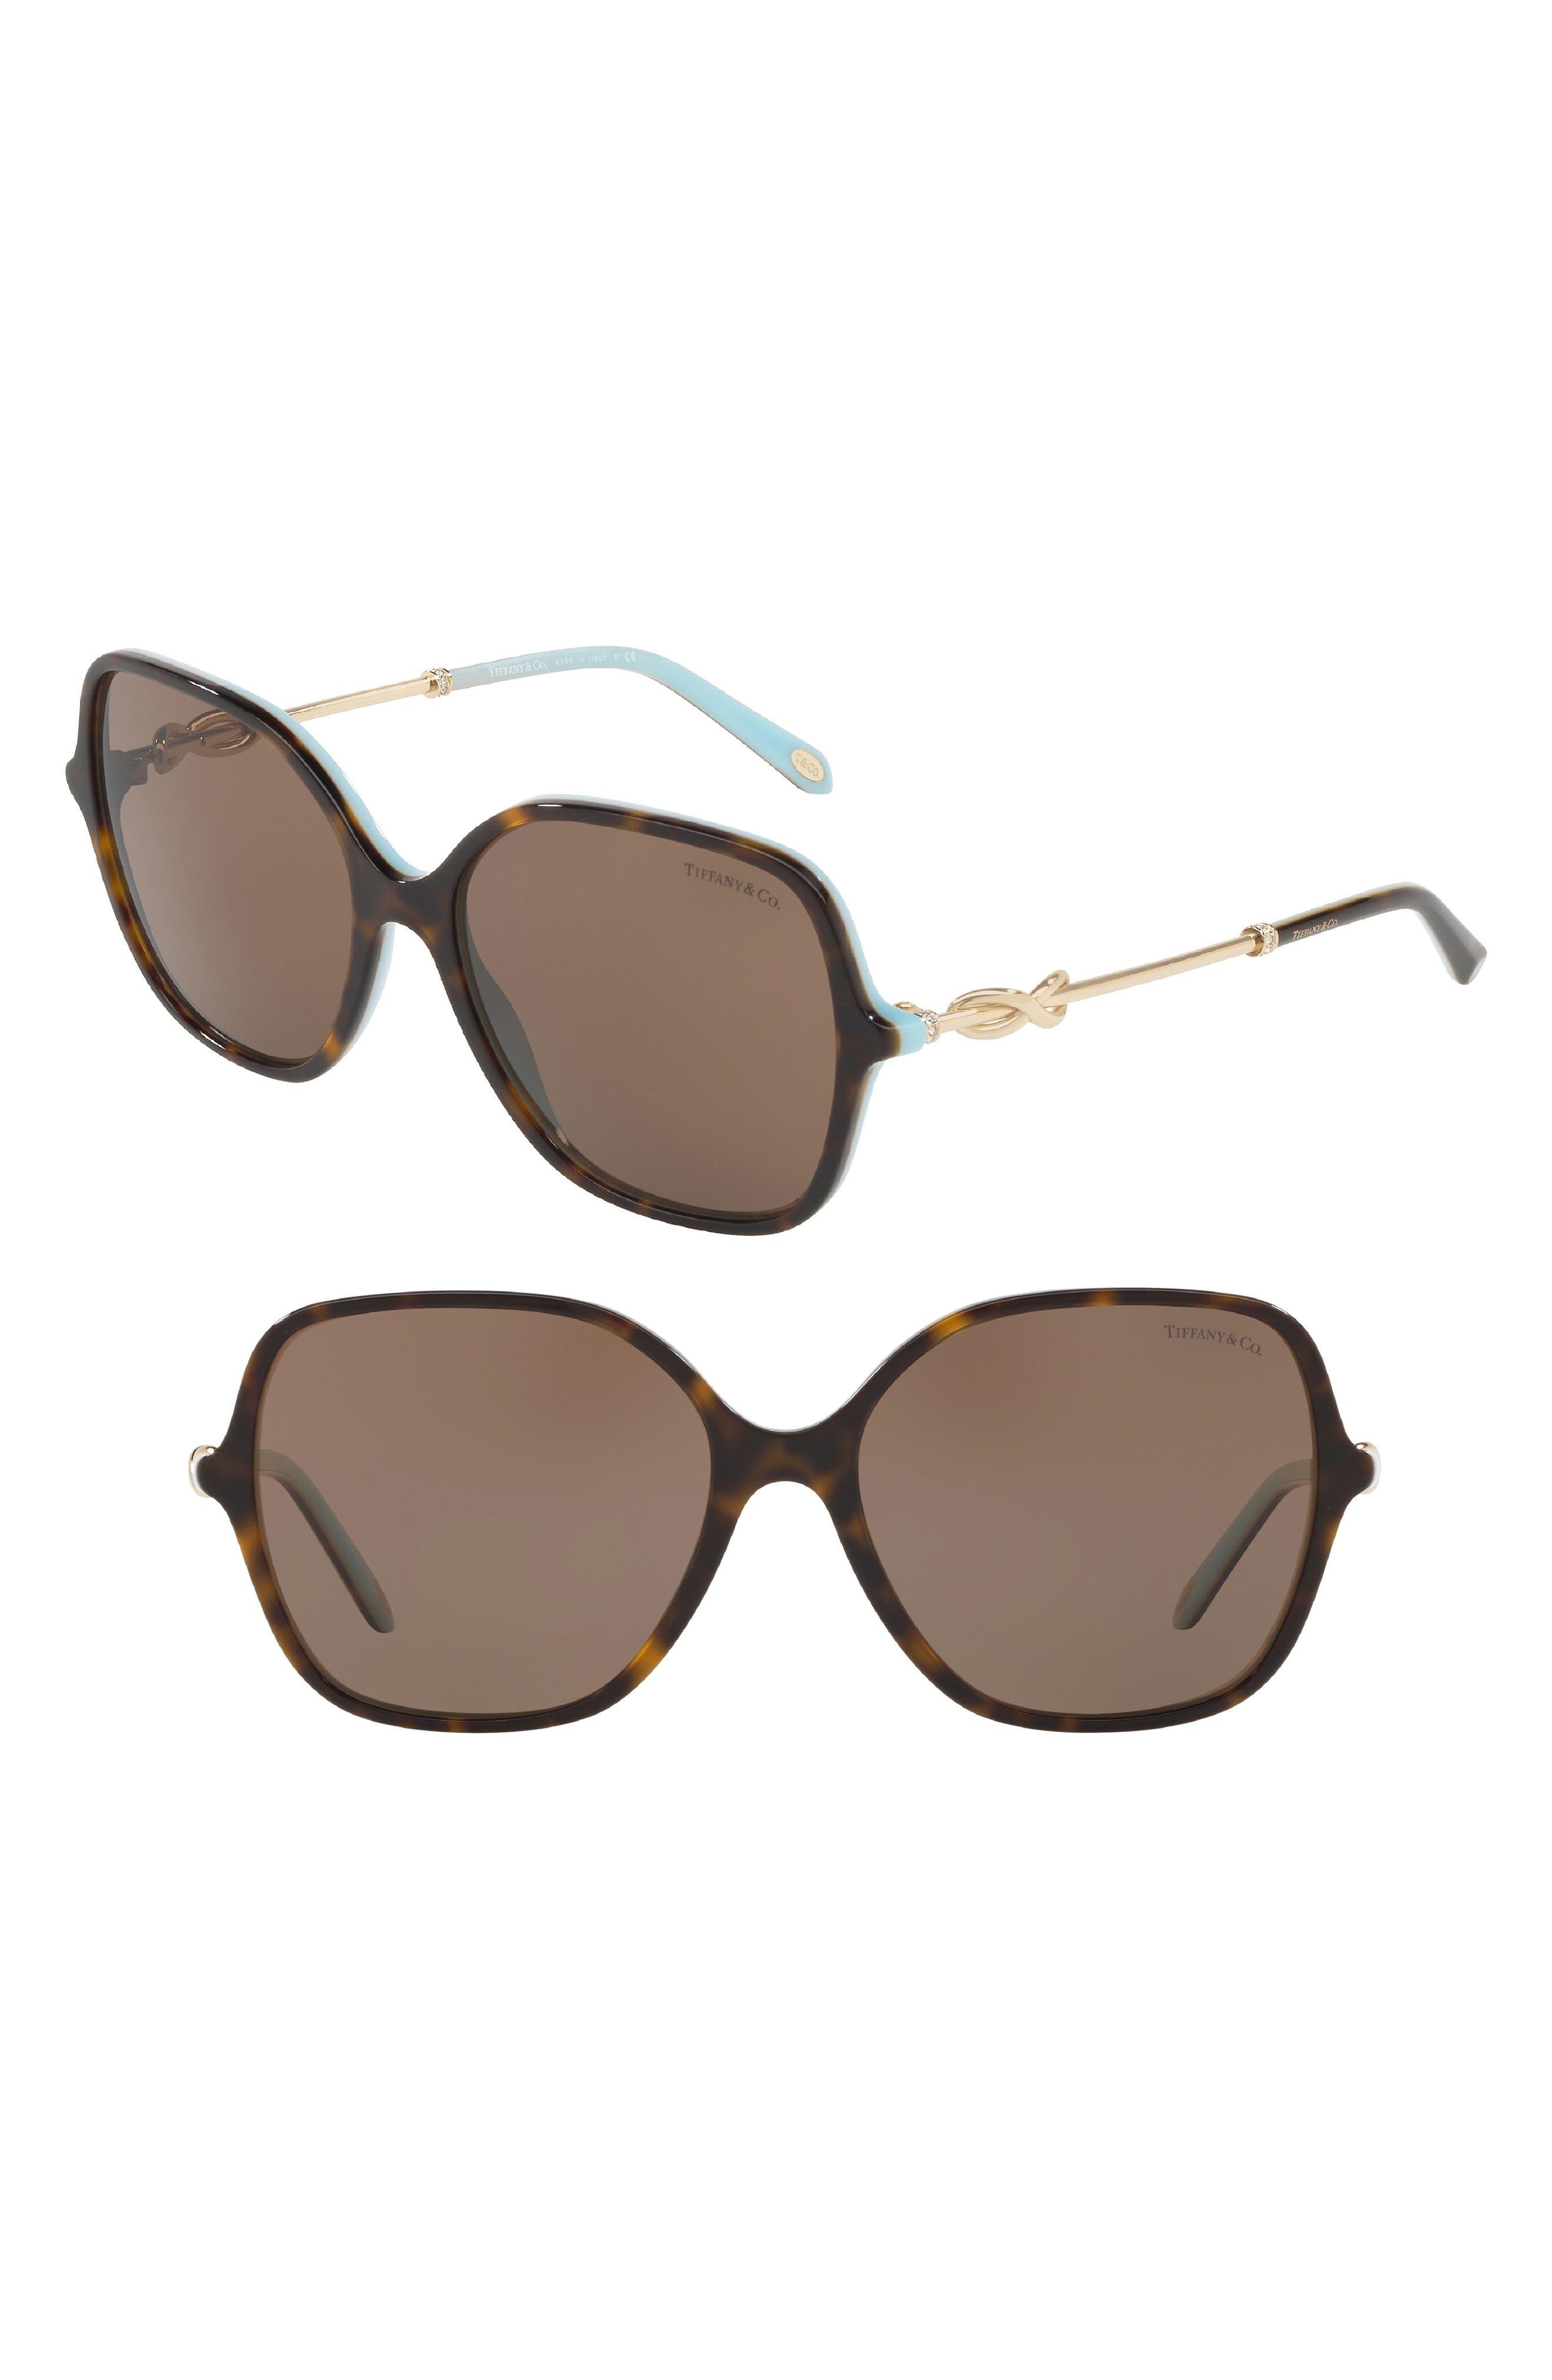 b282c9d581f Tiffany   Co. Sunglasses for Women